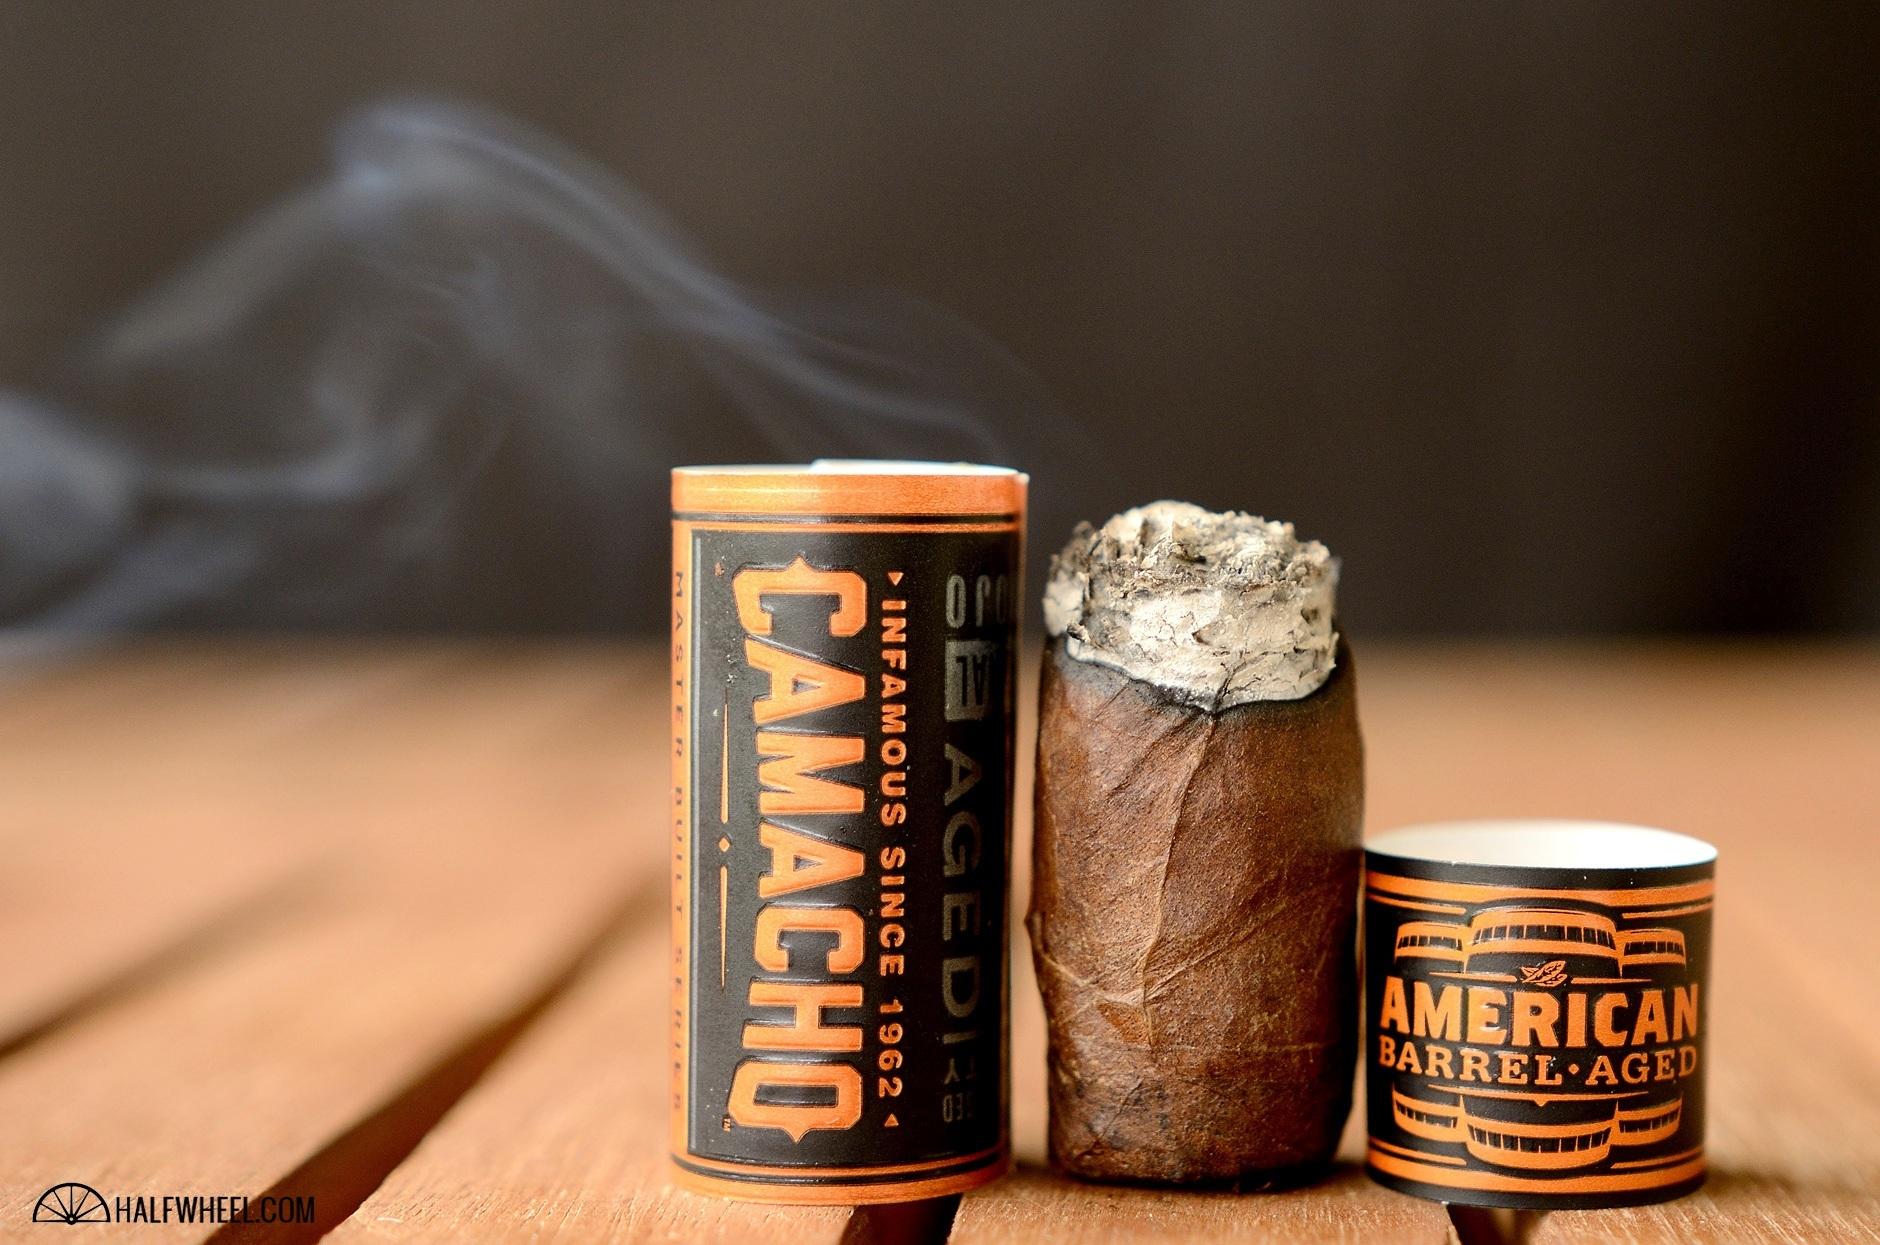 Camacho American Barrel-Aged Toro 4